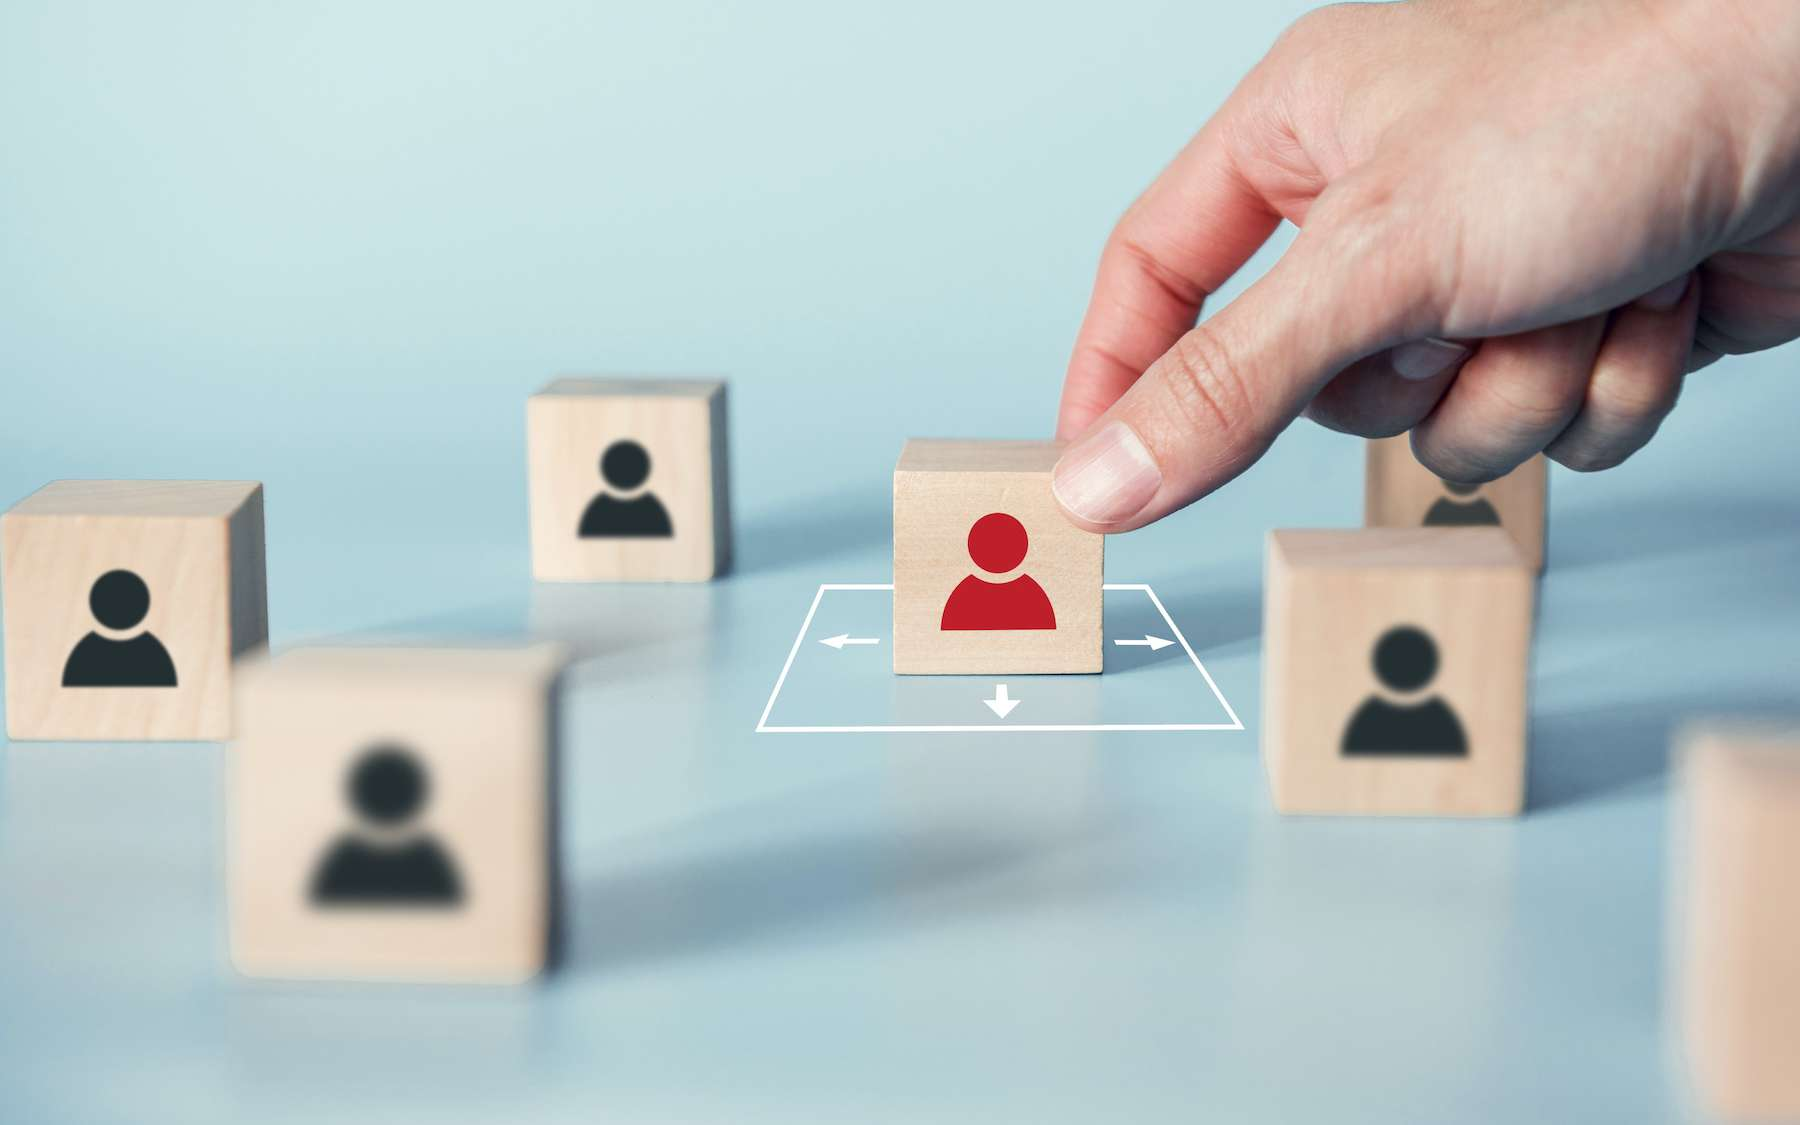 Un salarié sur deux n'hésite pas à se rendre au travail tout en étant symptomatique. © oatawa, Adobe Stock